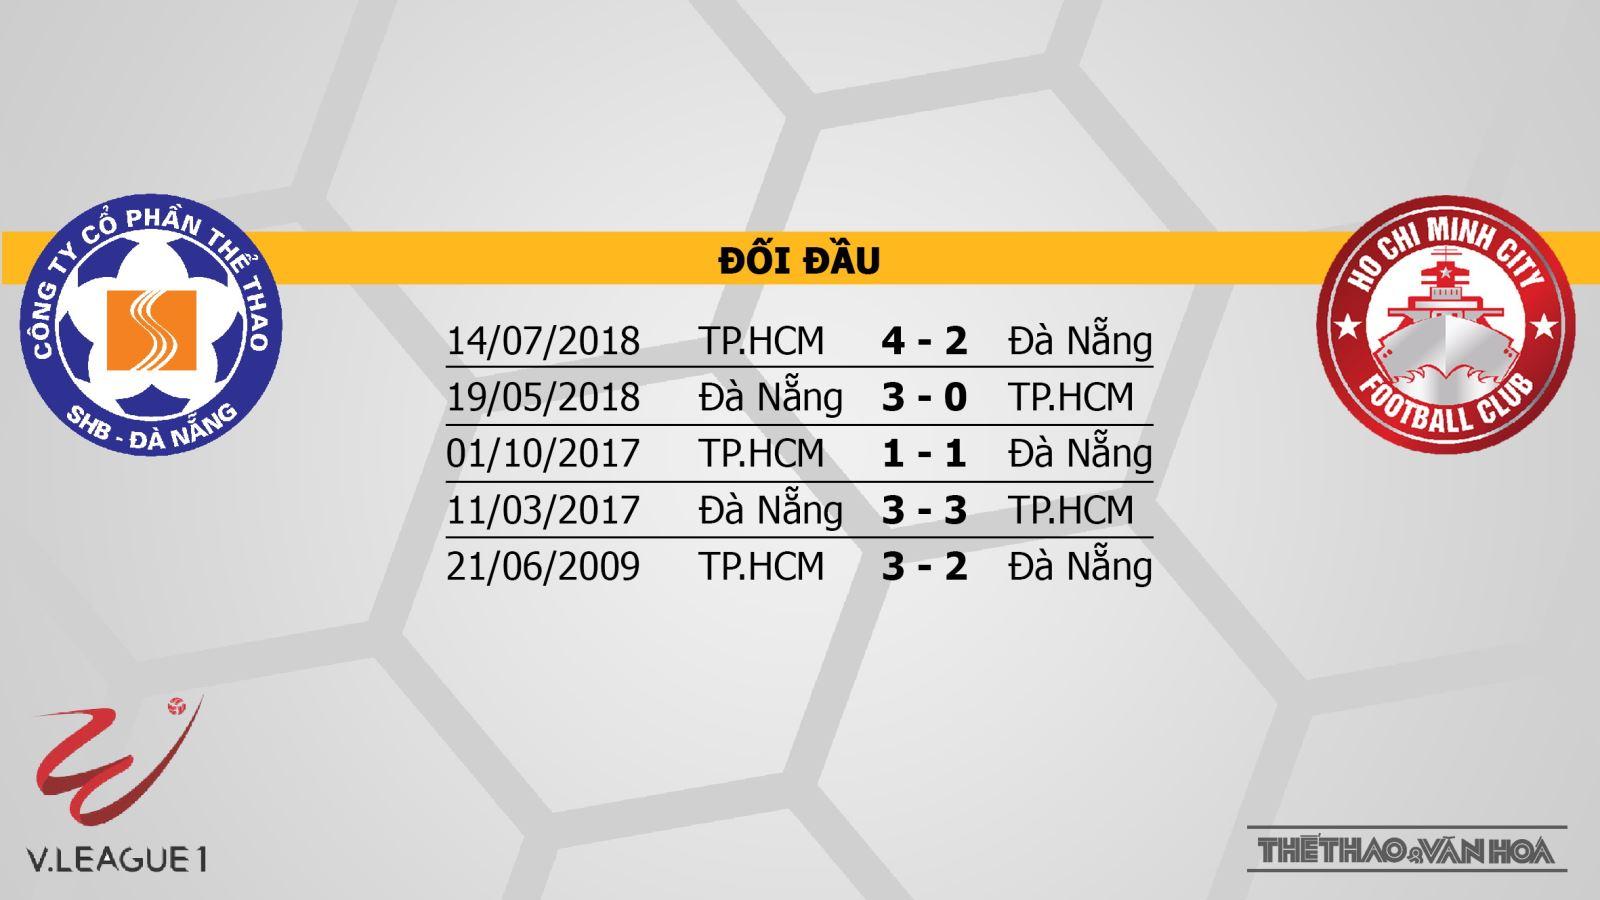 SHB Đà Nẵng vs TP.Hồ Chí Minh, trực tiếp SHB Đà Nẵng vs TP.Hồ Chí Minh, SHB Đà Nẵng, TP.Hồ Chí Minh, trực tiếp bóng đá, trực tiếp V-League